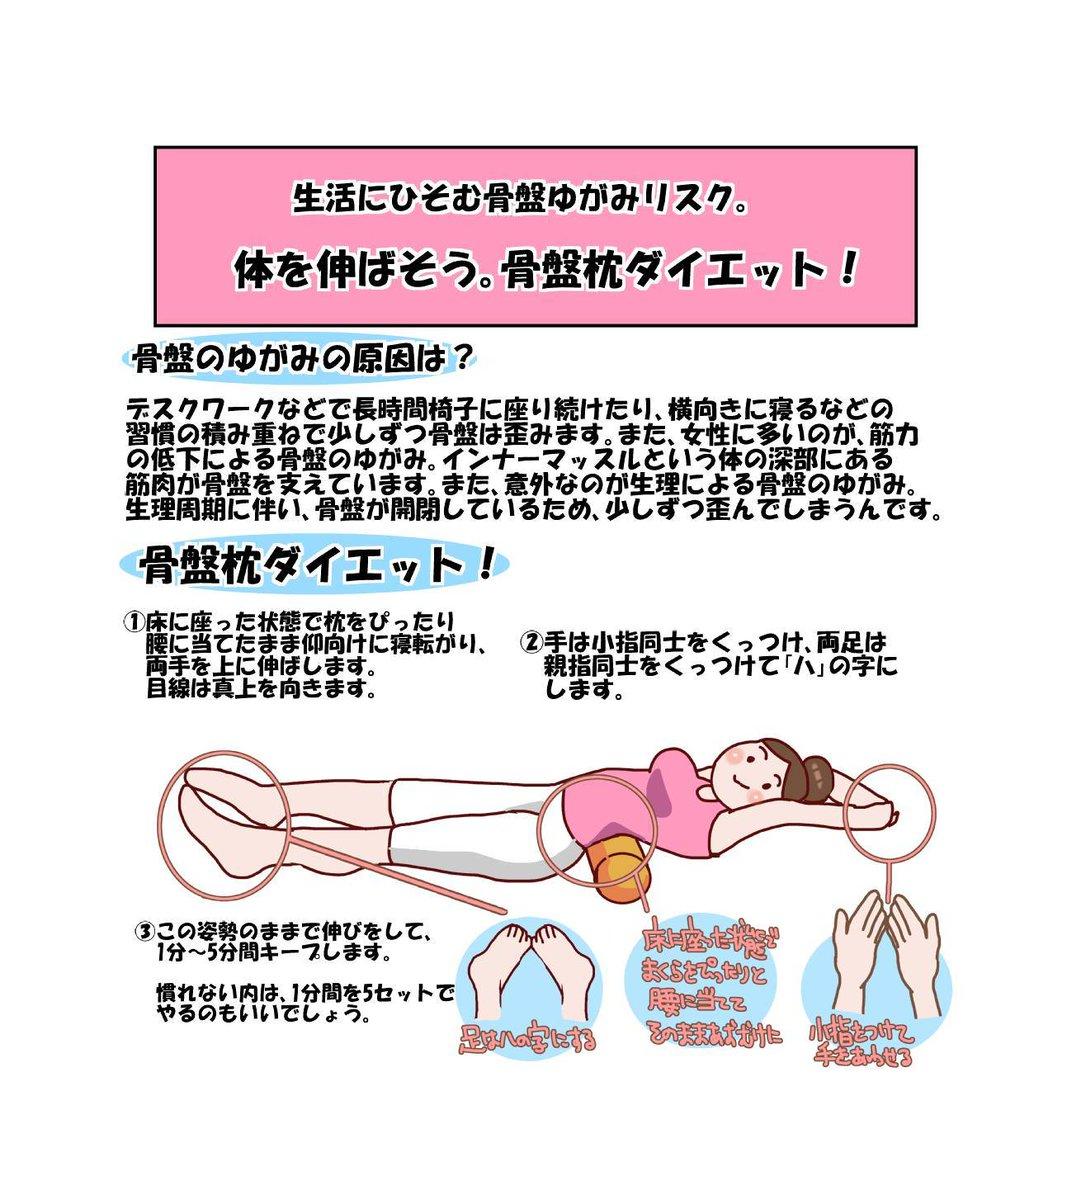 脚 デメリット o 見た目だけじゃない!O脚がもたらすデメリットとは!:2018年3月12日|ハルミ美容整体 池袋(Harumi)のブログ|ホットペッパービューティー